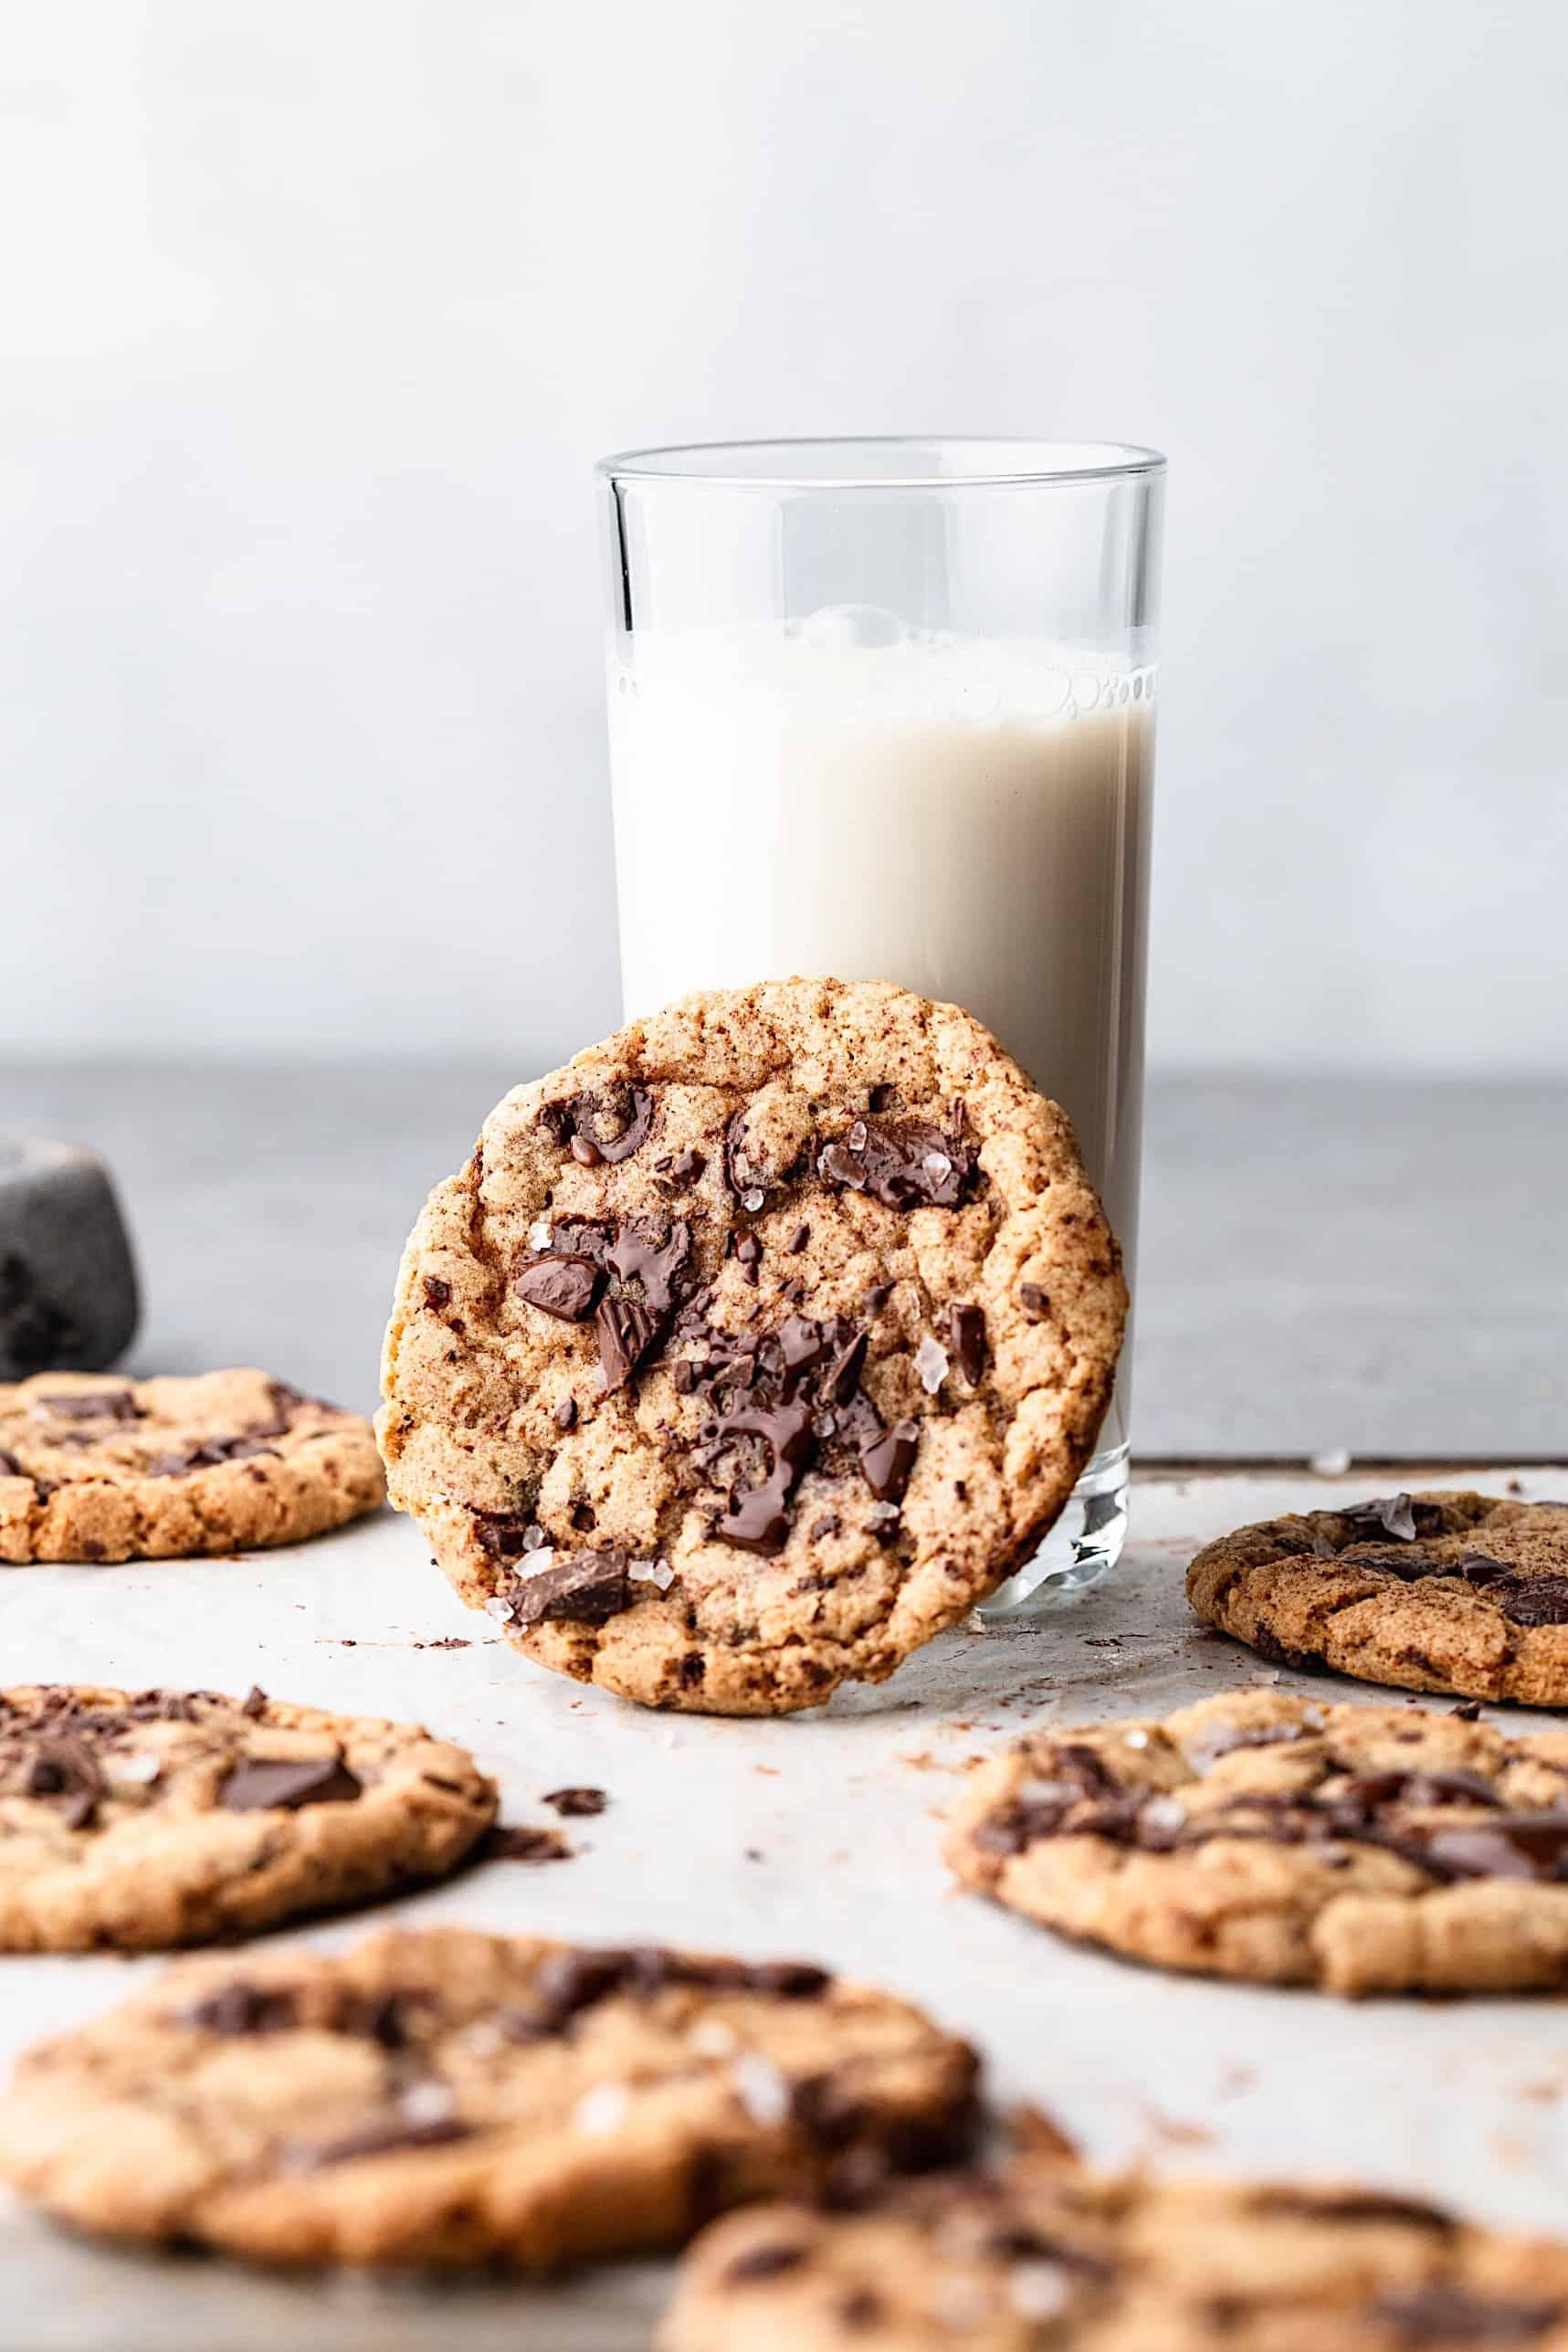 Vegan Spiced Chocolate Chip Cookies #cookies #vegan #autumn #fall #spiced #recipe #chocolate #chocolatechip